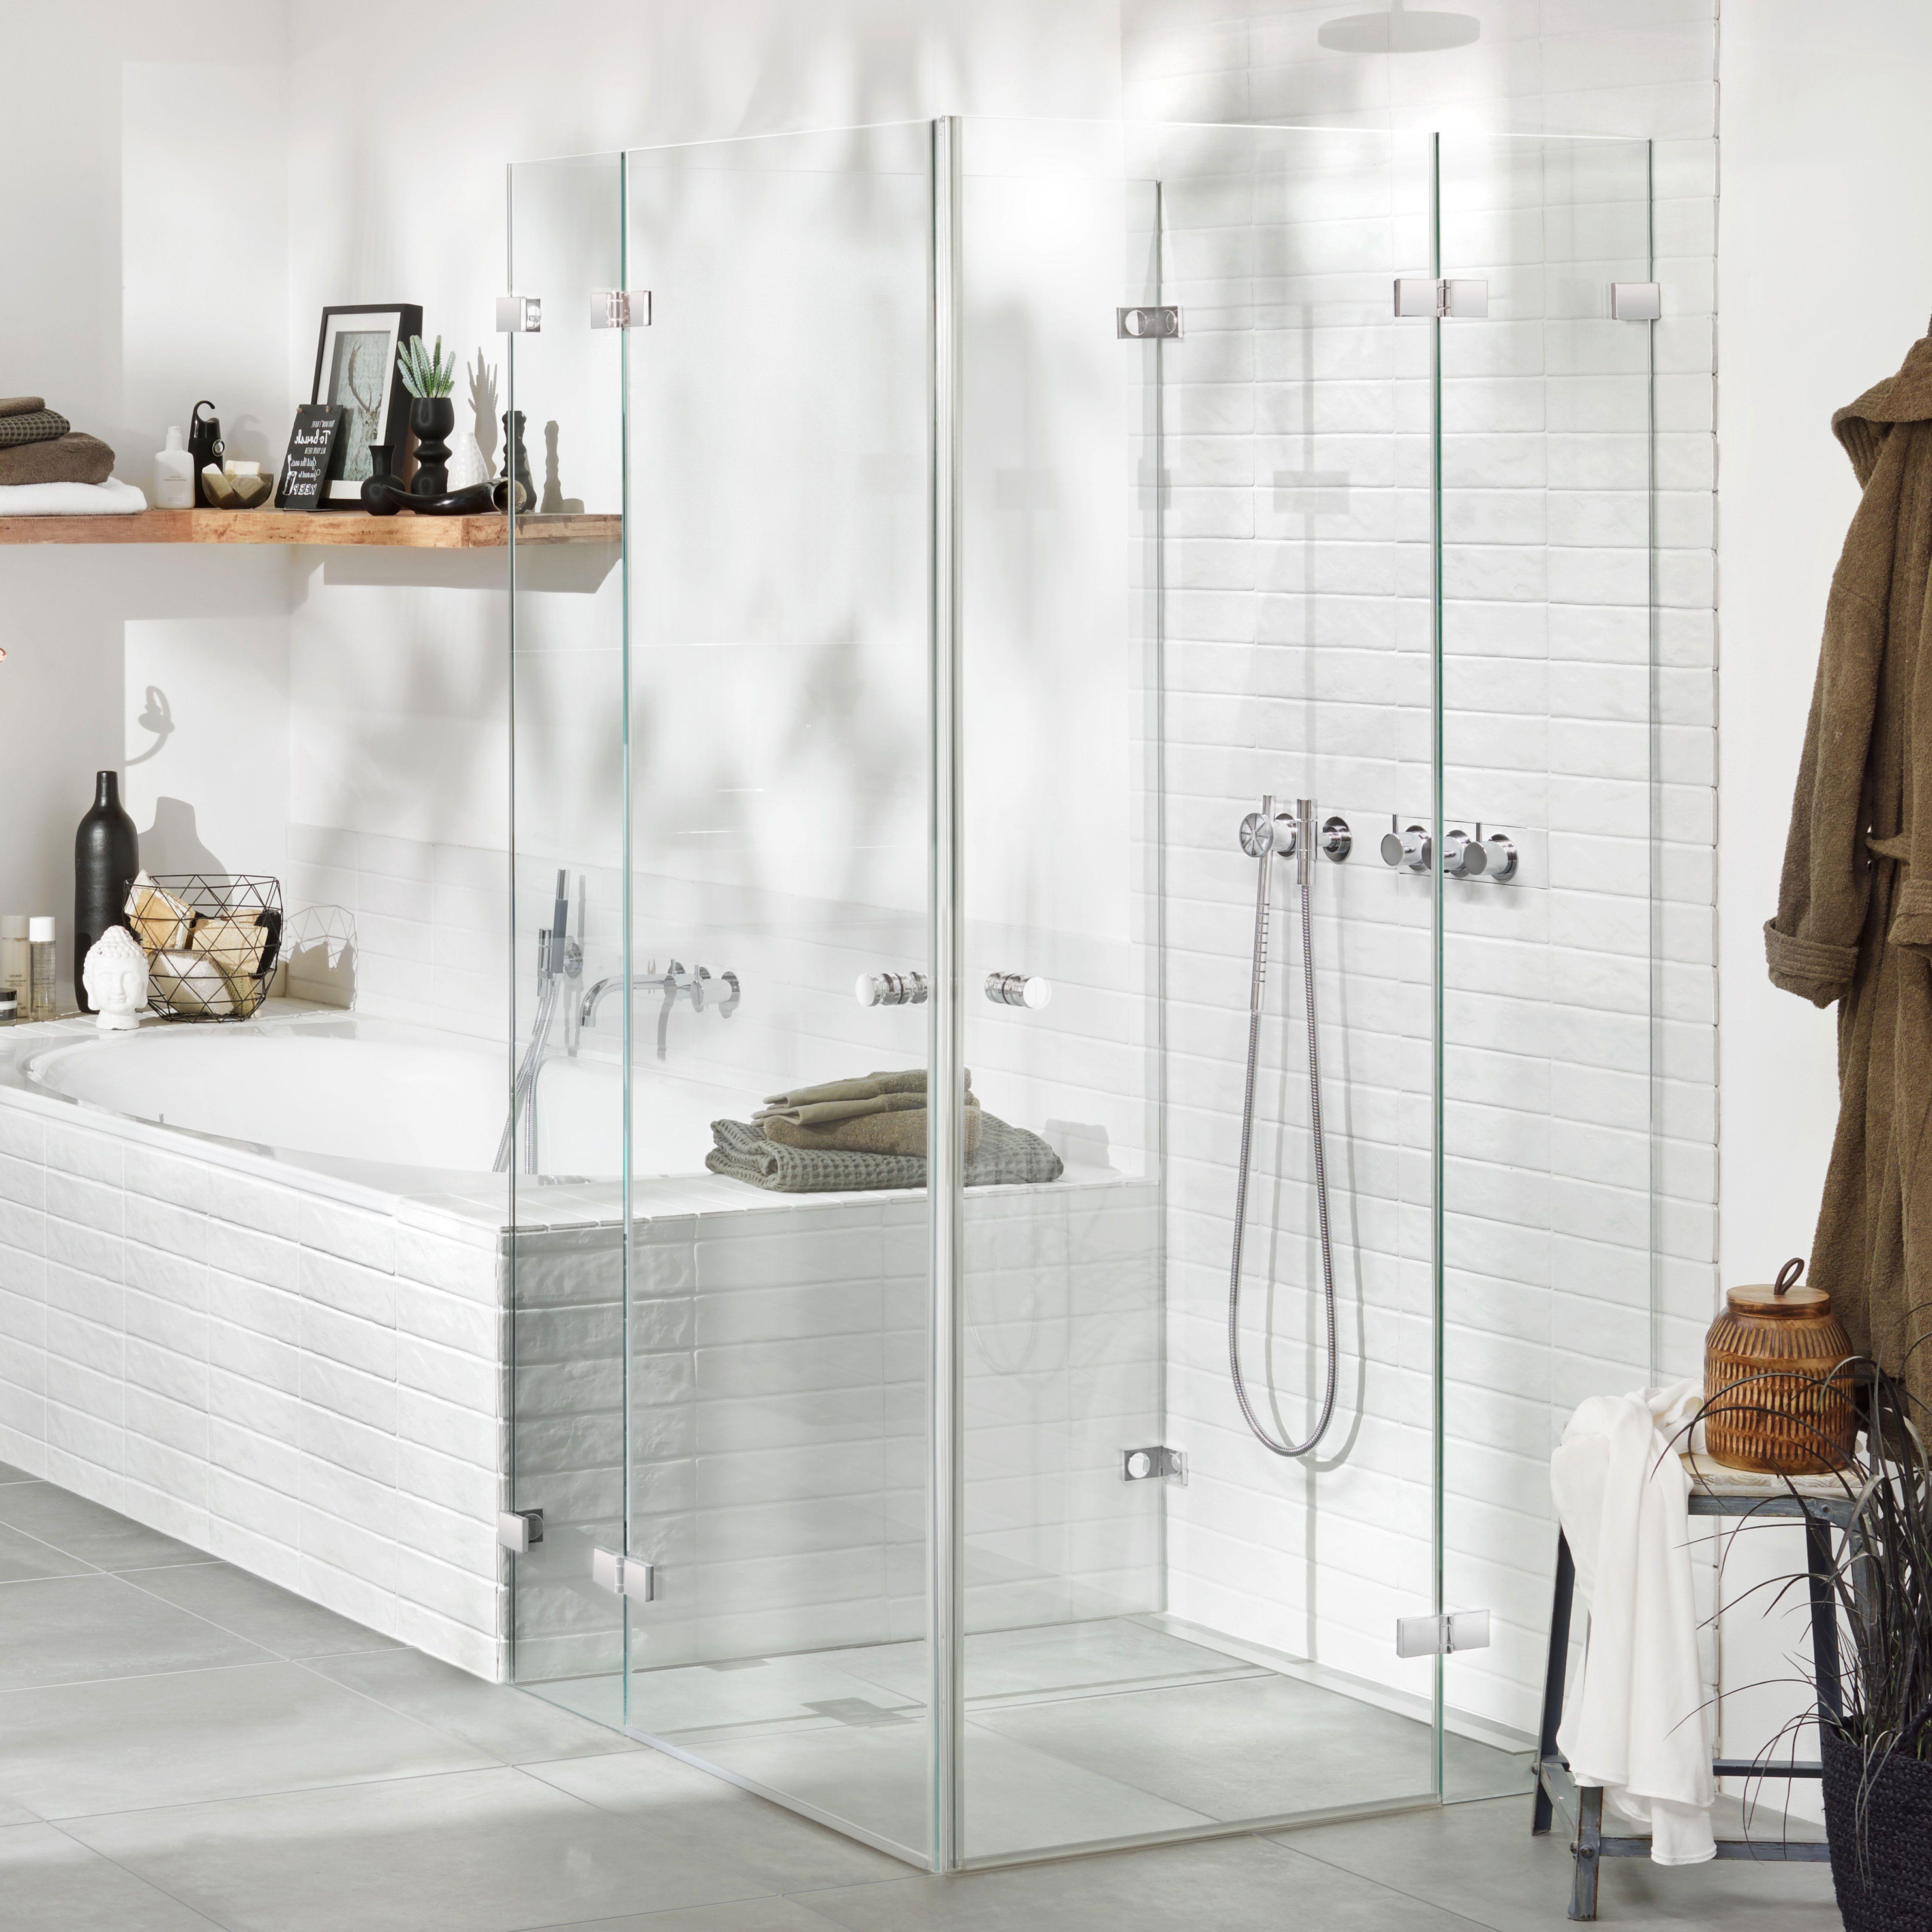 Edles Glas Beschlage Fur Leichte Reinigung Und Dusche Inklusive Glasbeschichtung Unsere Fortuna Kombiniert Alle Faktoren Glasduschen Duschkabine Glas Dusche